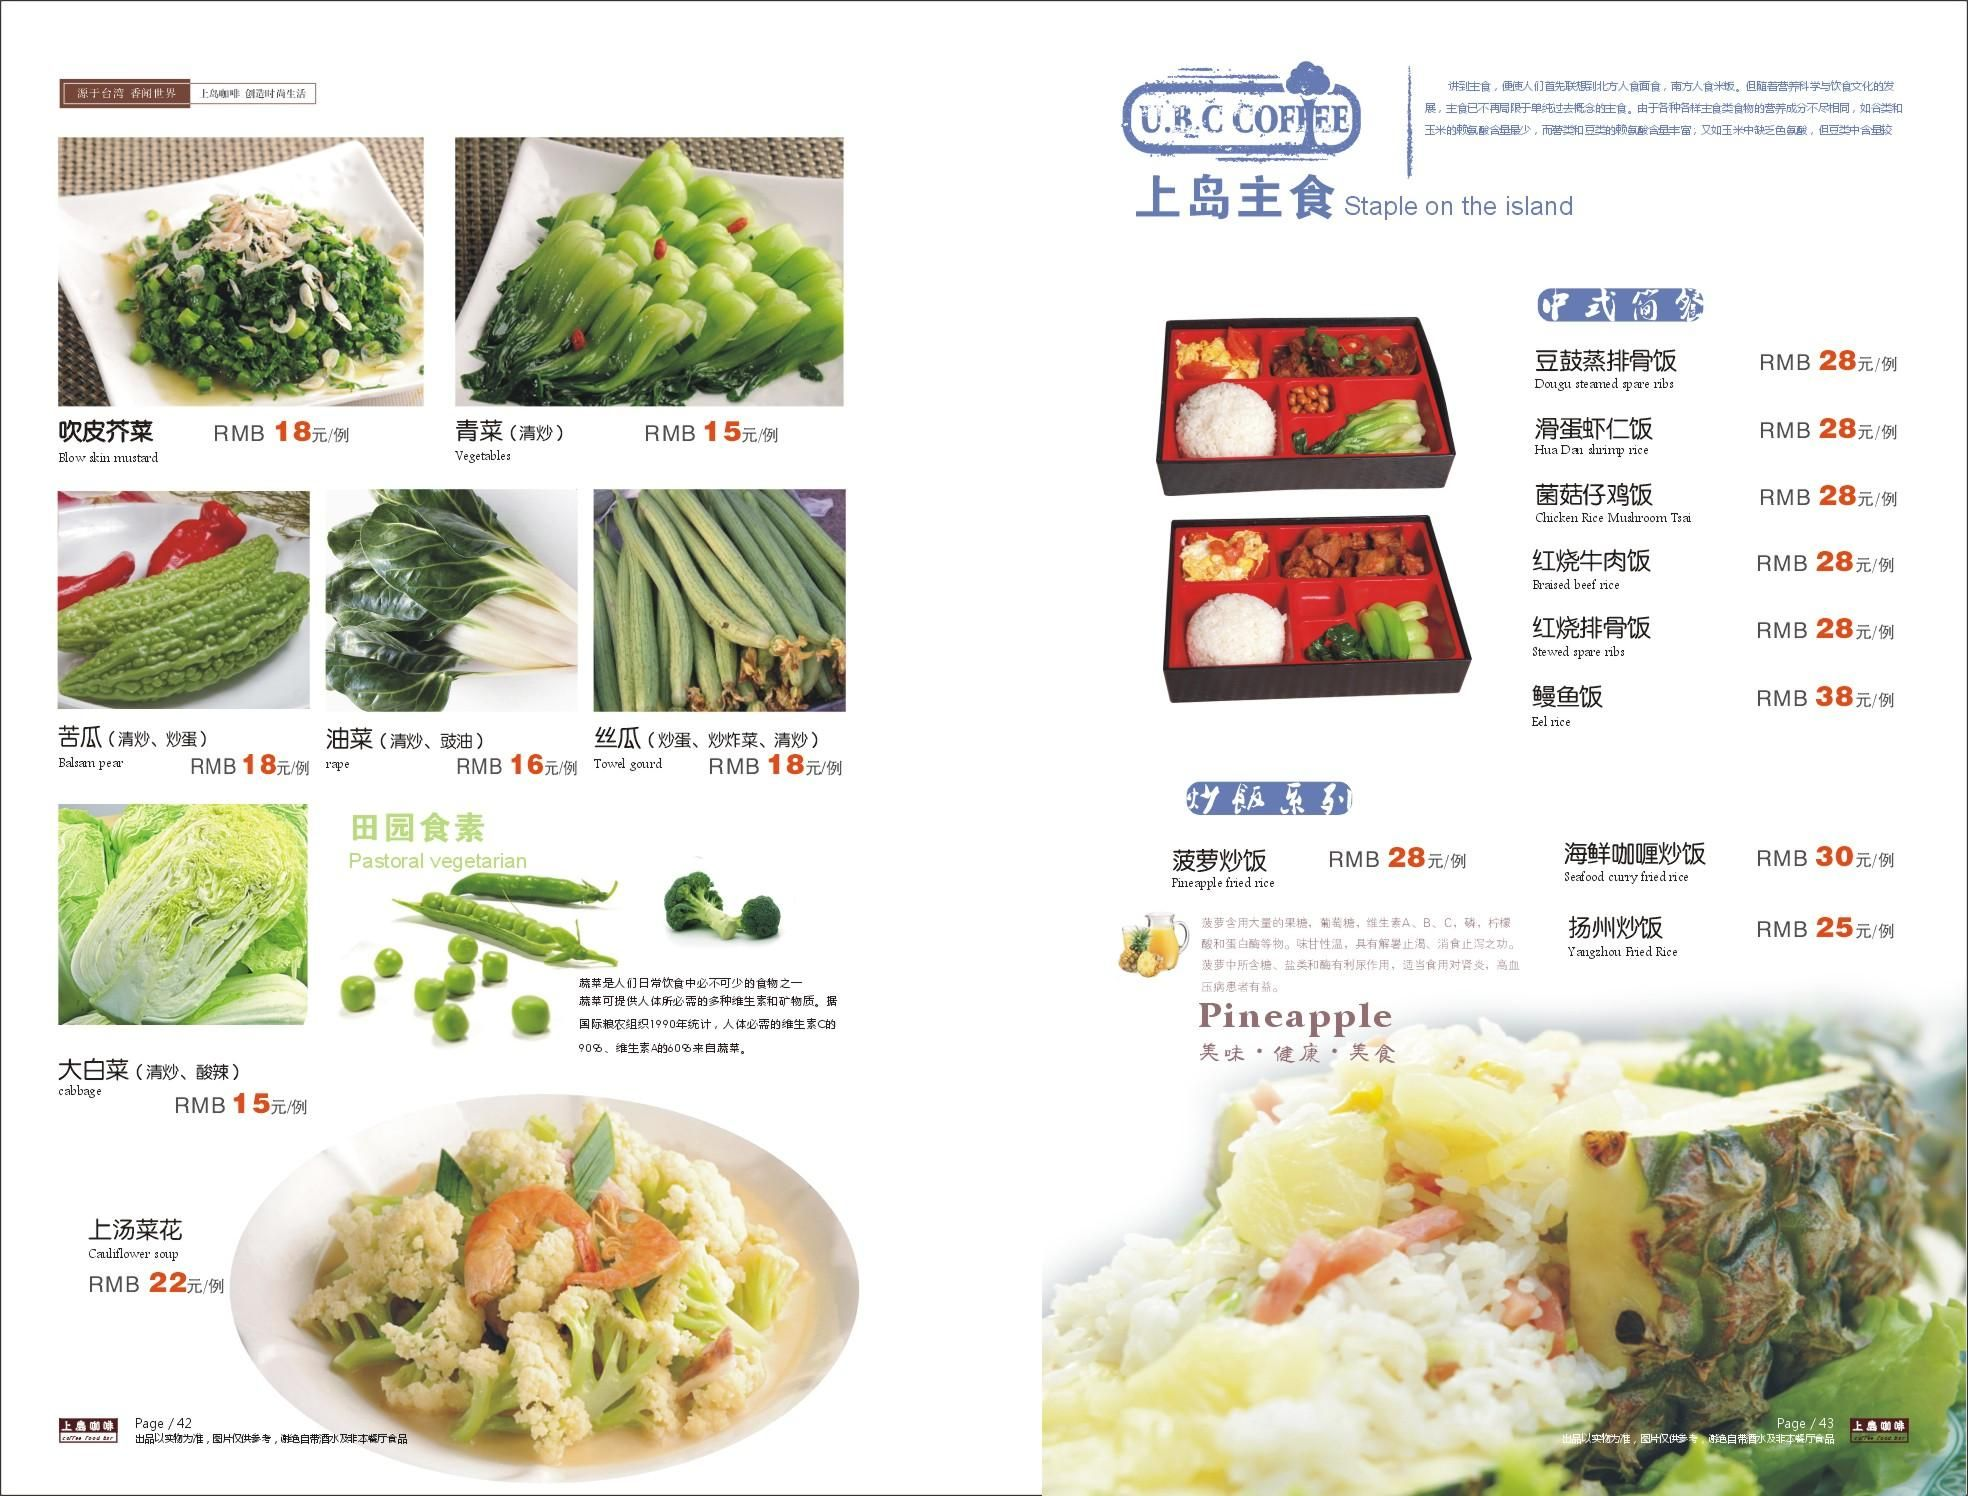 上岛咖啡厨房菜单设计-菜单设计-设计案例 - 天水一方